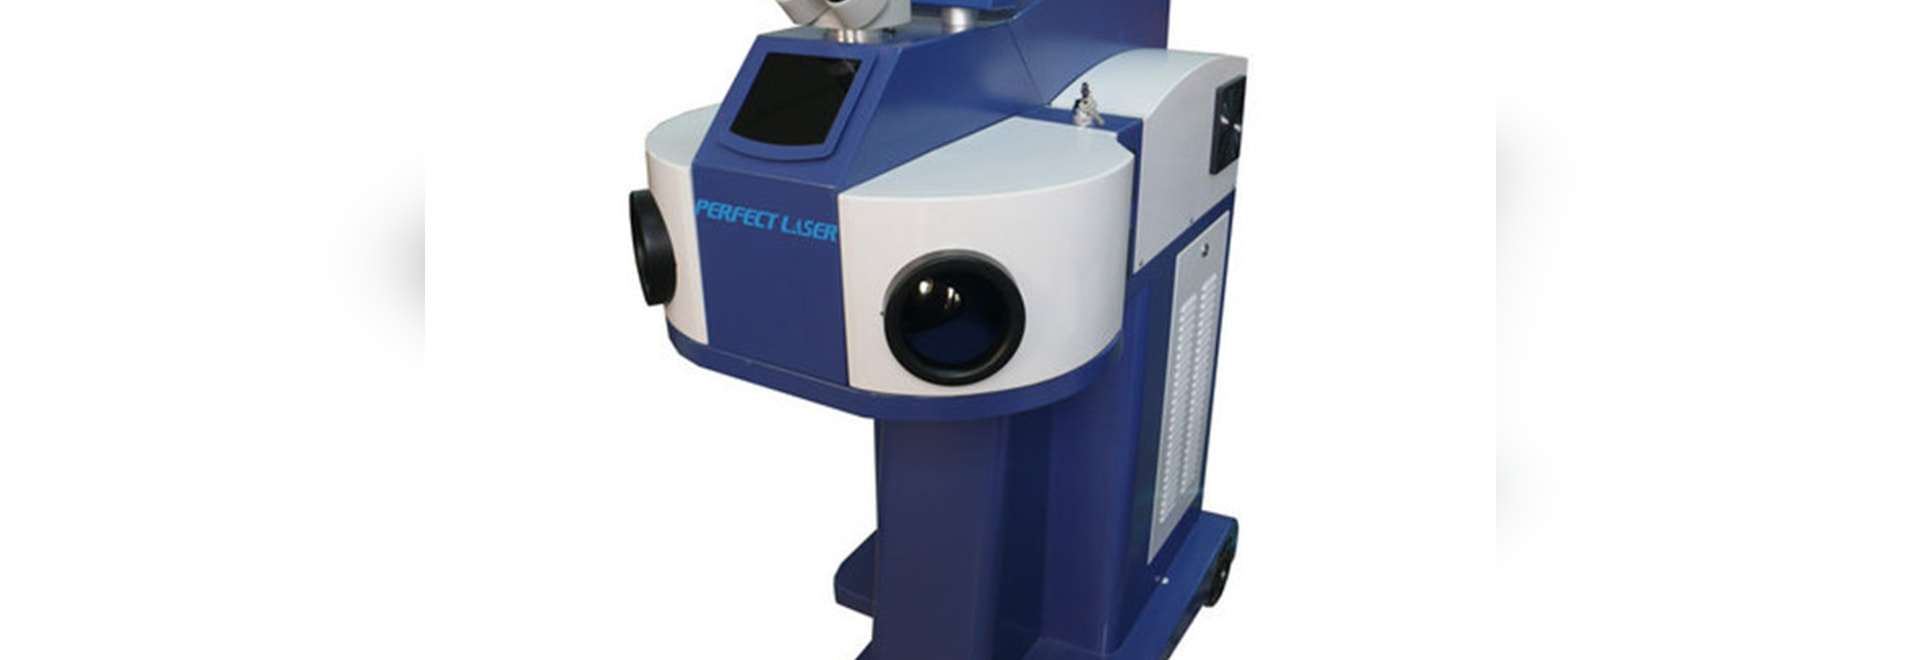 Perfect Laser-Welding Machine